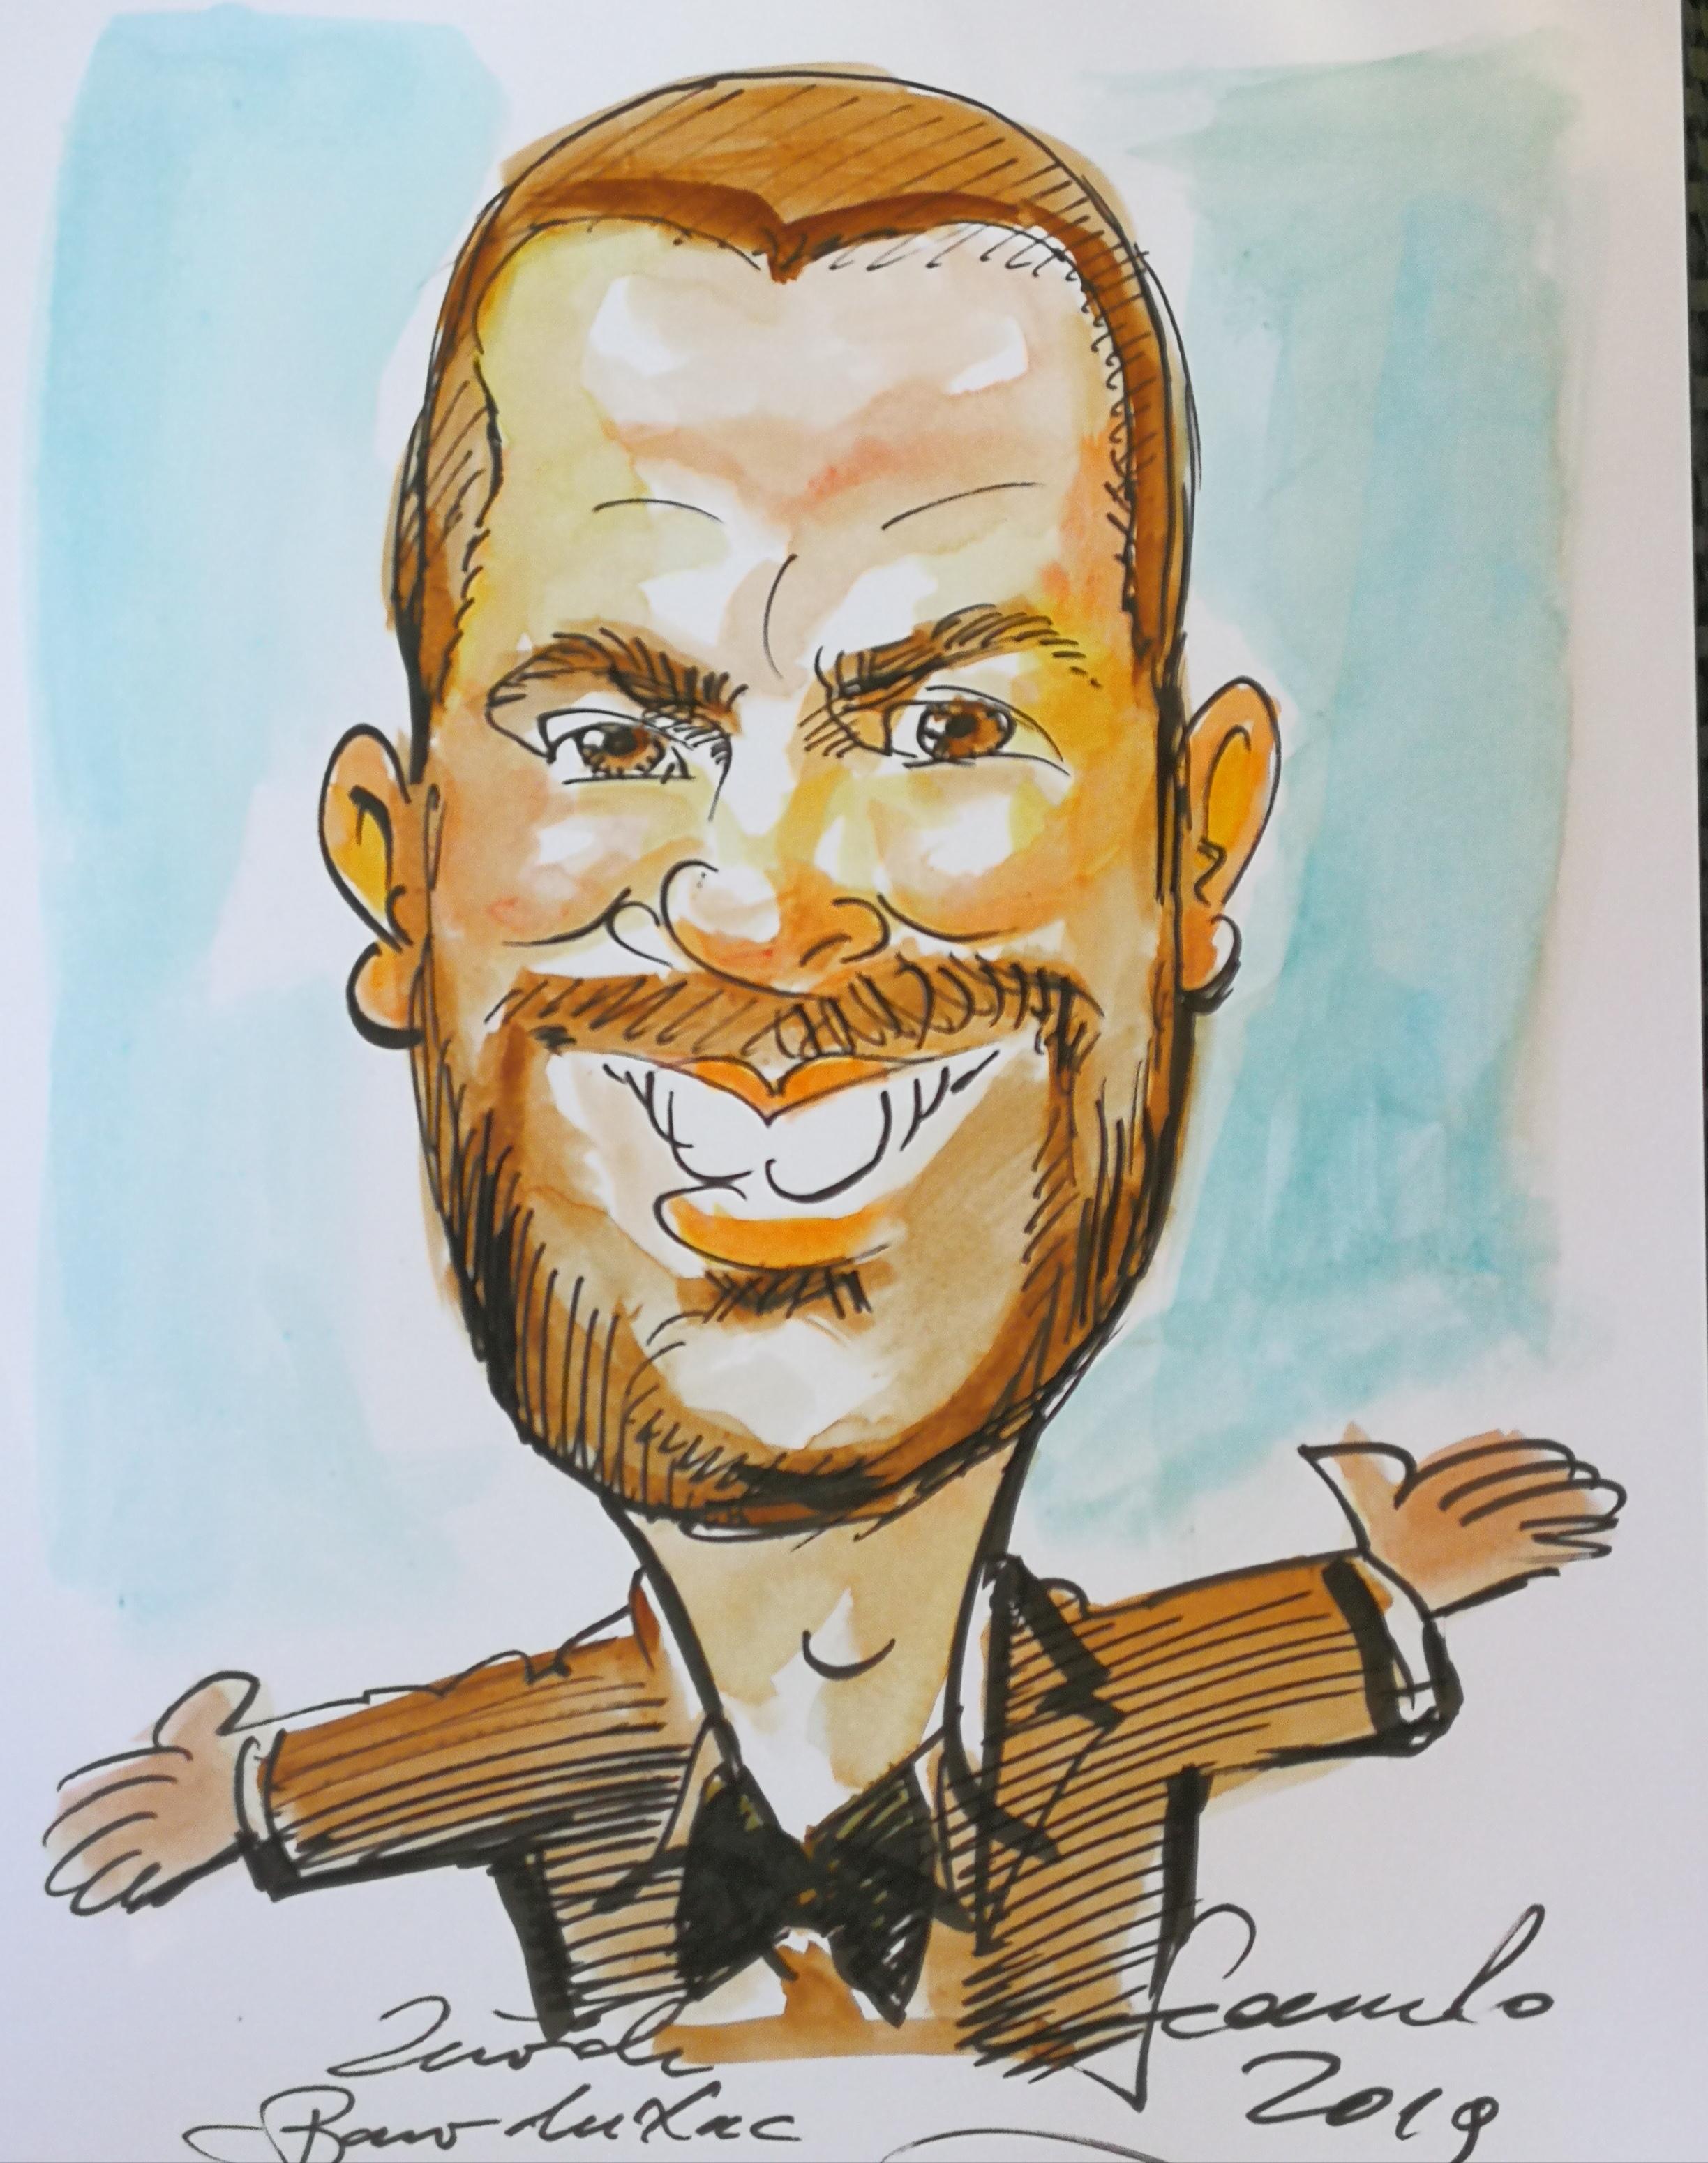 Zürich Karikaturist Zurich Portraitztzeichner Karikatur Caricaturiste caricaturista zurigo Schweiz Svizzera Suisse Geneve Lausanne Bern Karikaturisti Basel Karikaturisten Schnellzeichner